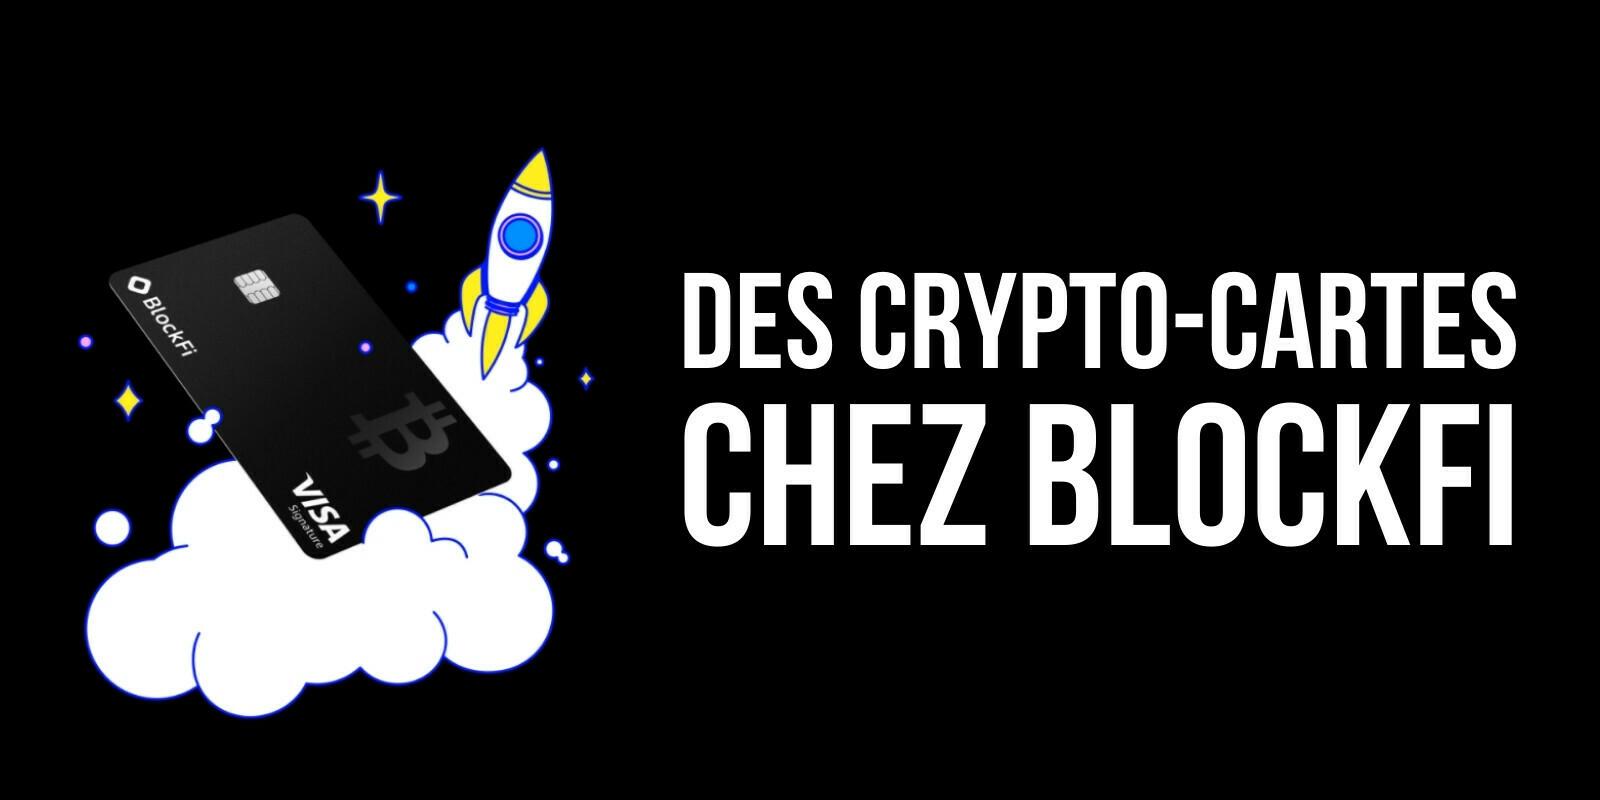 BlockFi lance ses «crypto-cartes» Visa qui récompensent les utilisateurs en cryptomonnaies